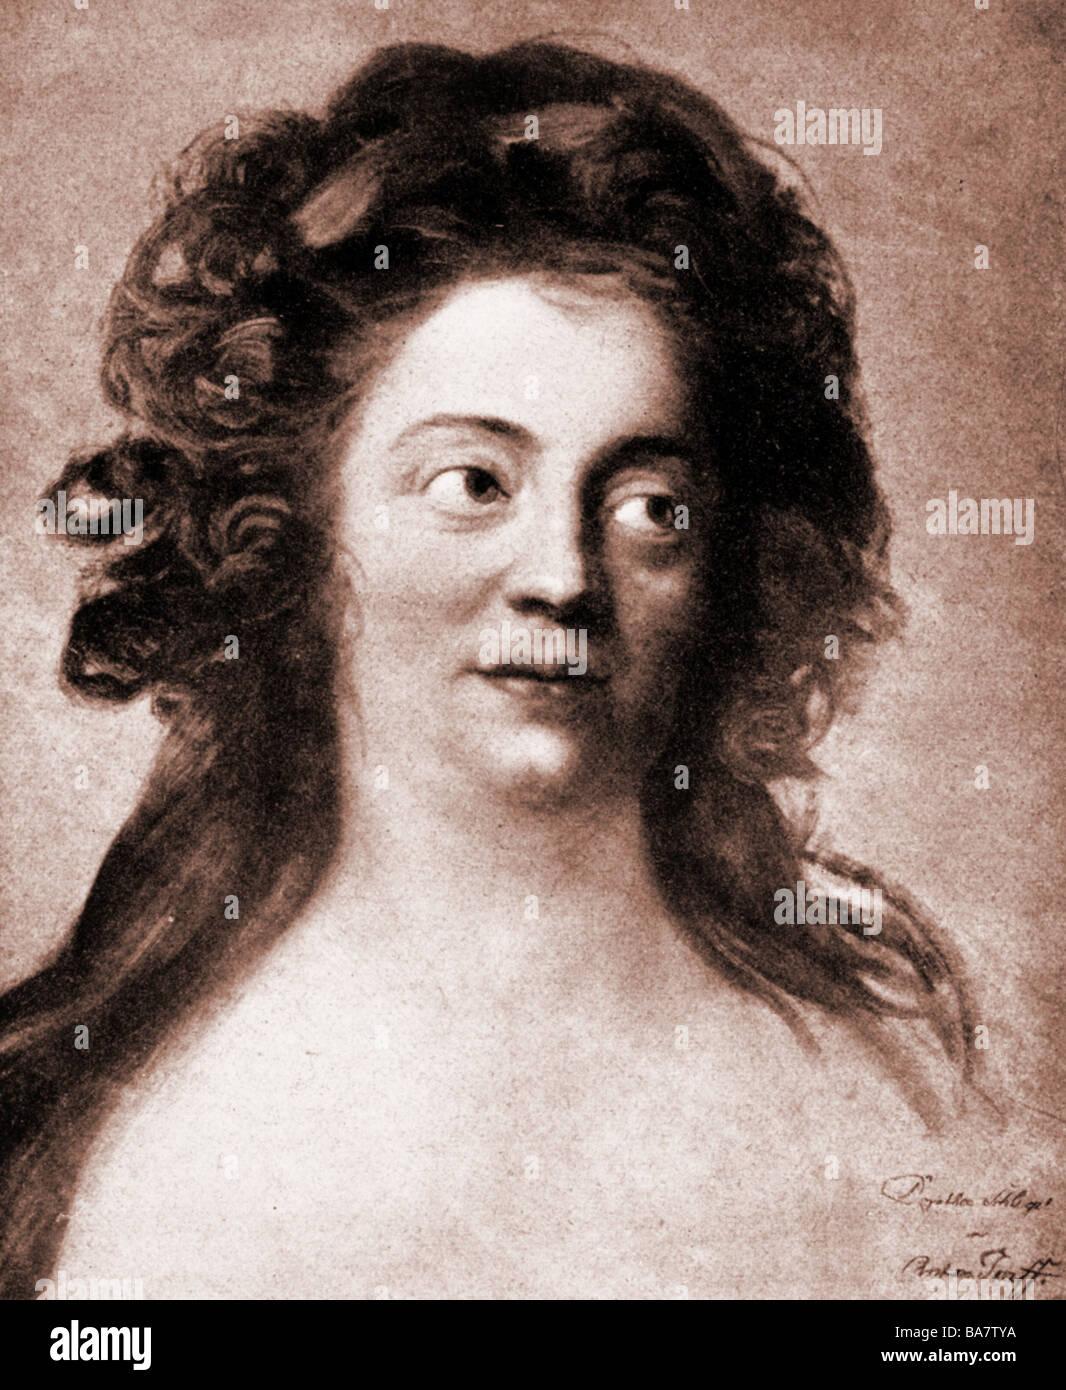 Schlegel, Dorothea Friederike, 24.10.1763 - 3.8.1839, autore/scrittore tedesco, ritratto, dopo la pittura di Anton Groff, circa 1790, Foto Stock